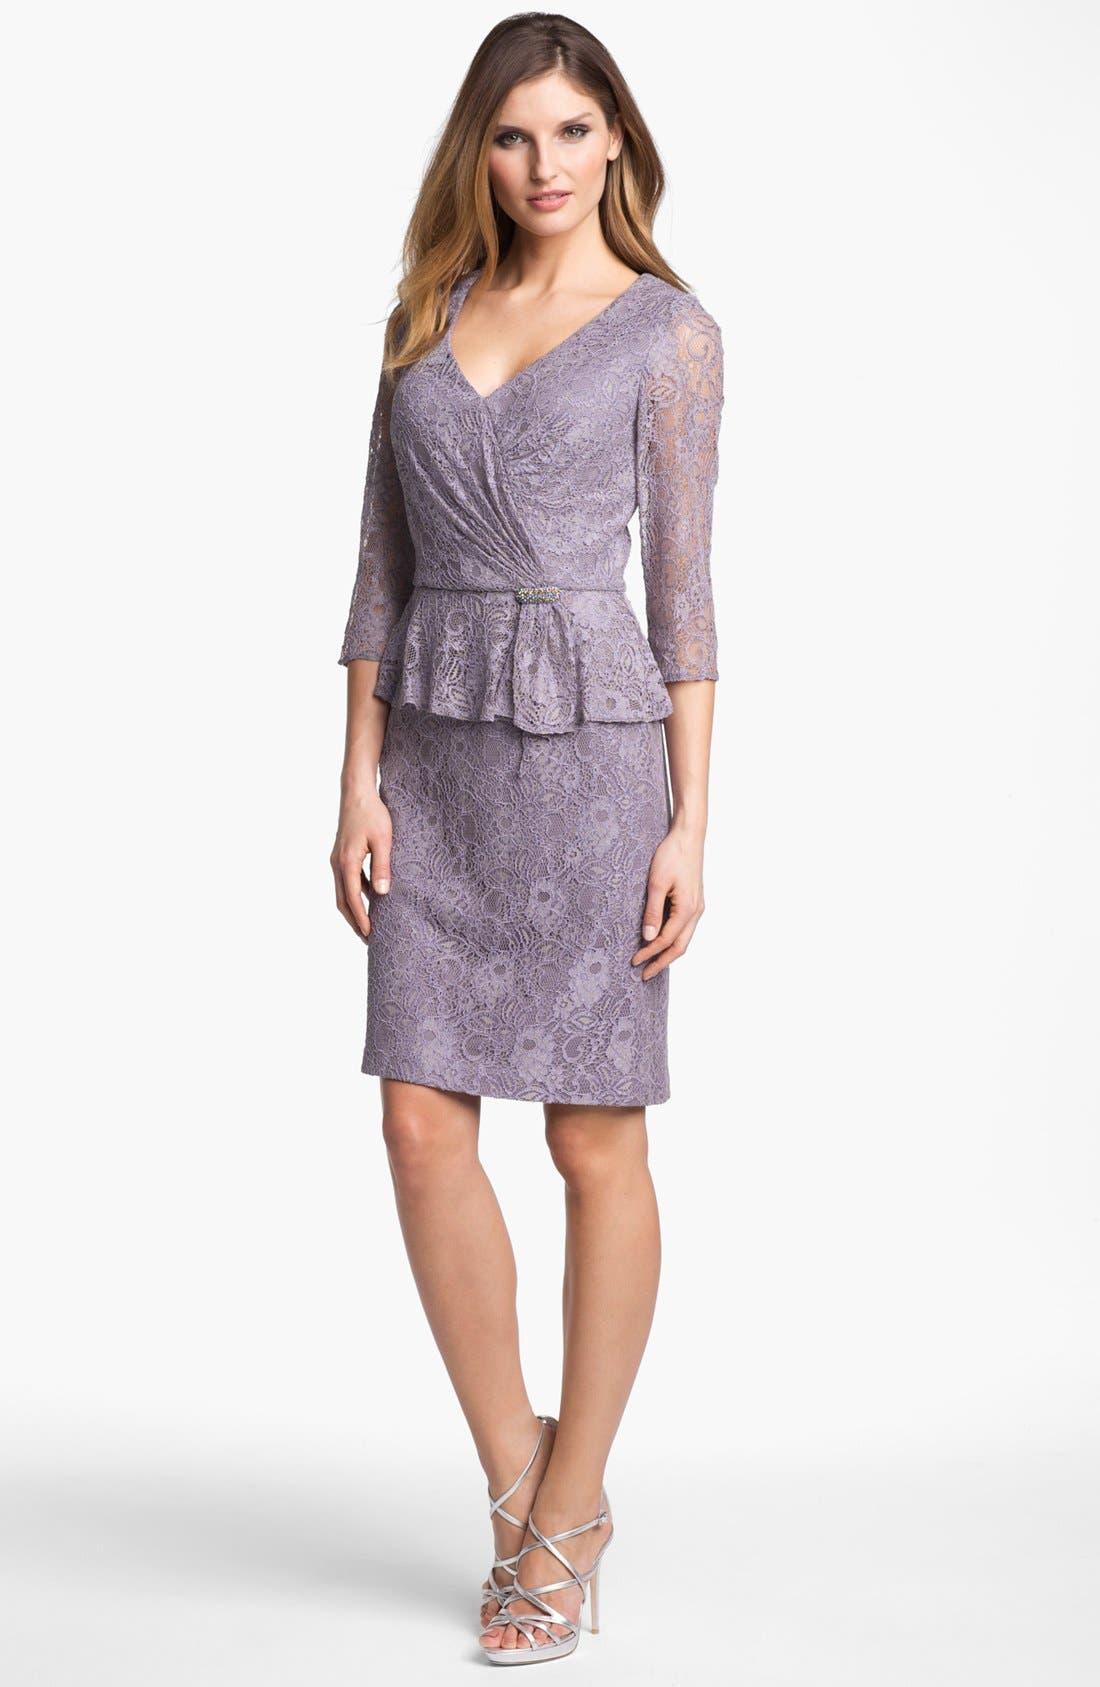 Alternate Image 1 Selected - Patra Embellished Lace Peplum Dress